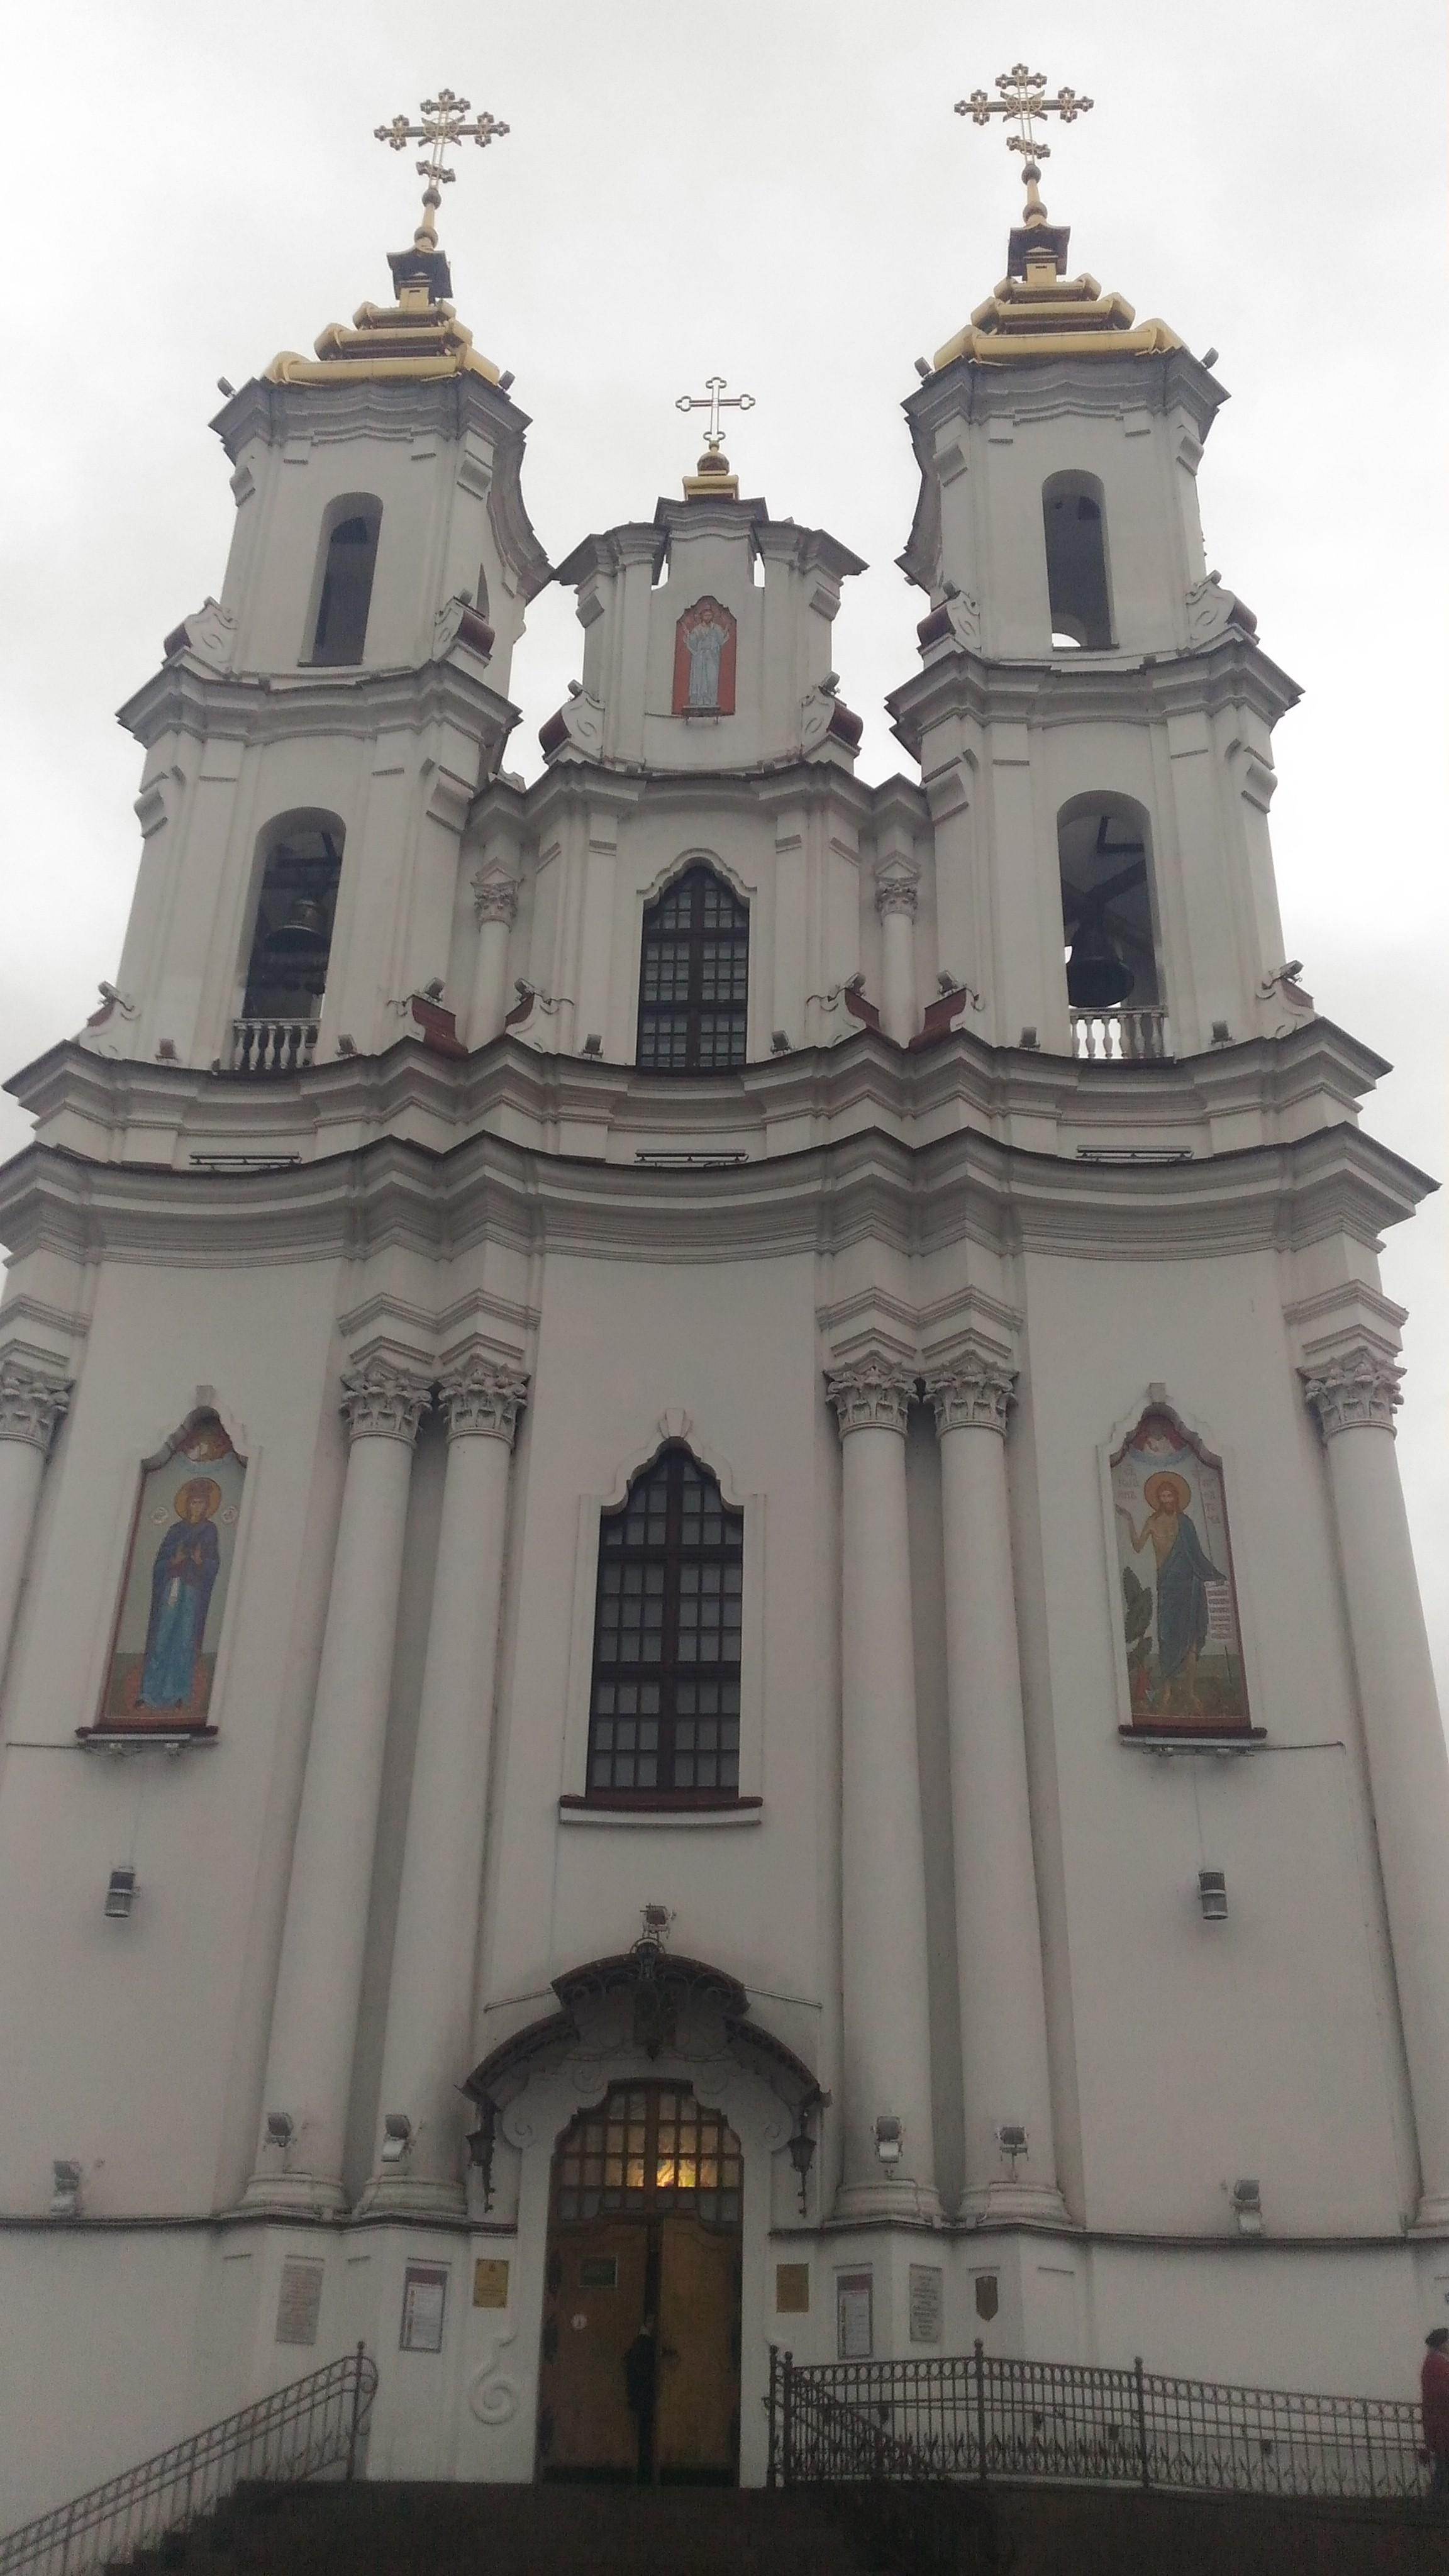 P 20191109 110500 1 - Свято-Воскресенская церковь в Витебске